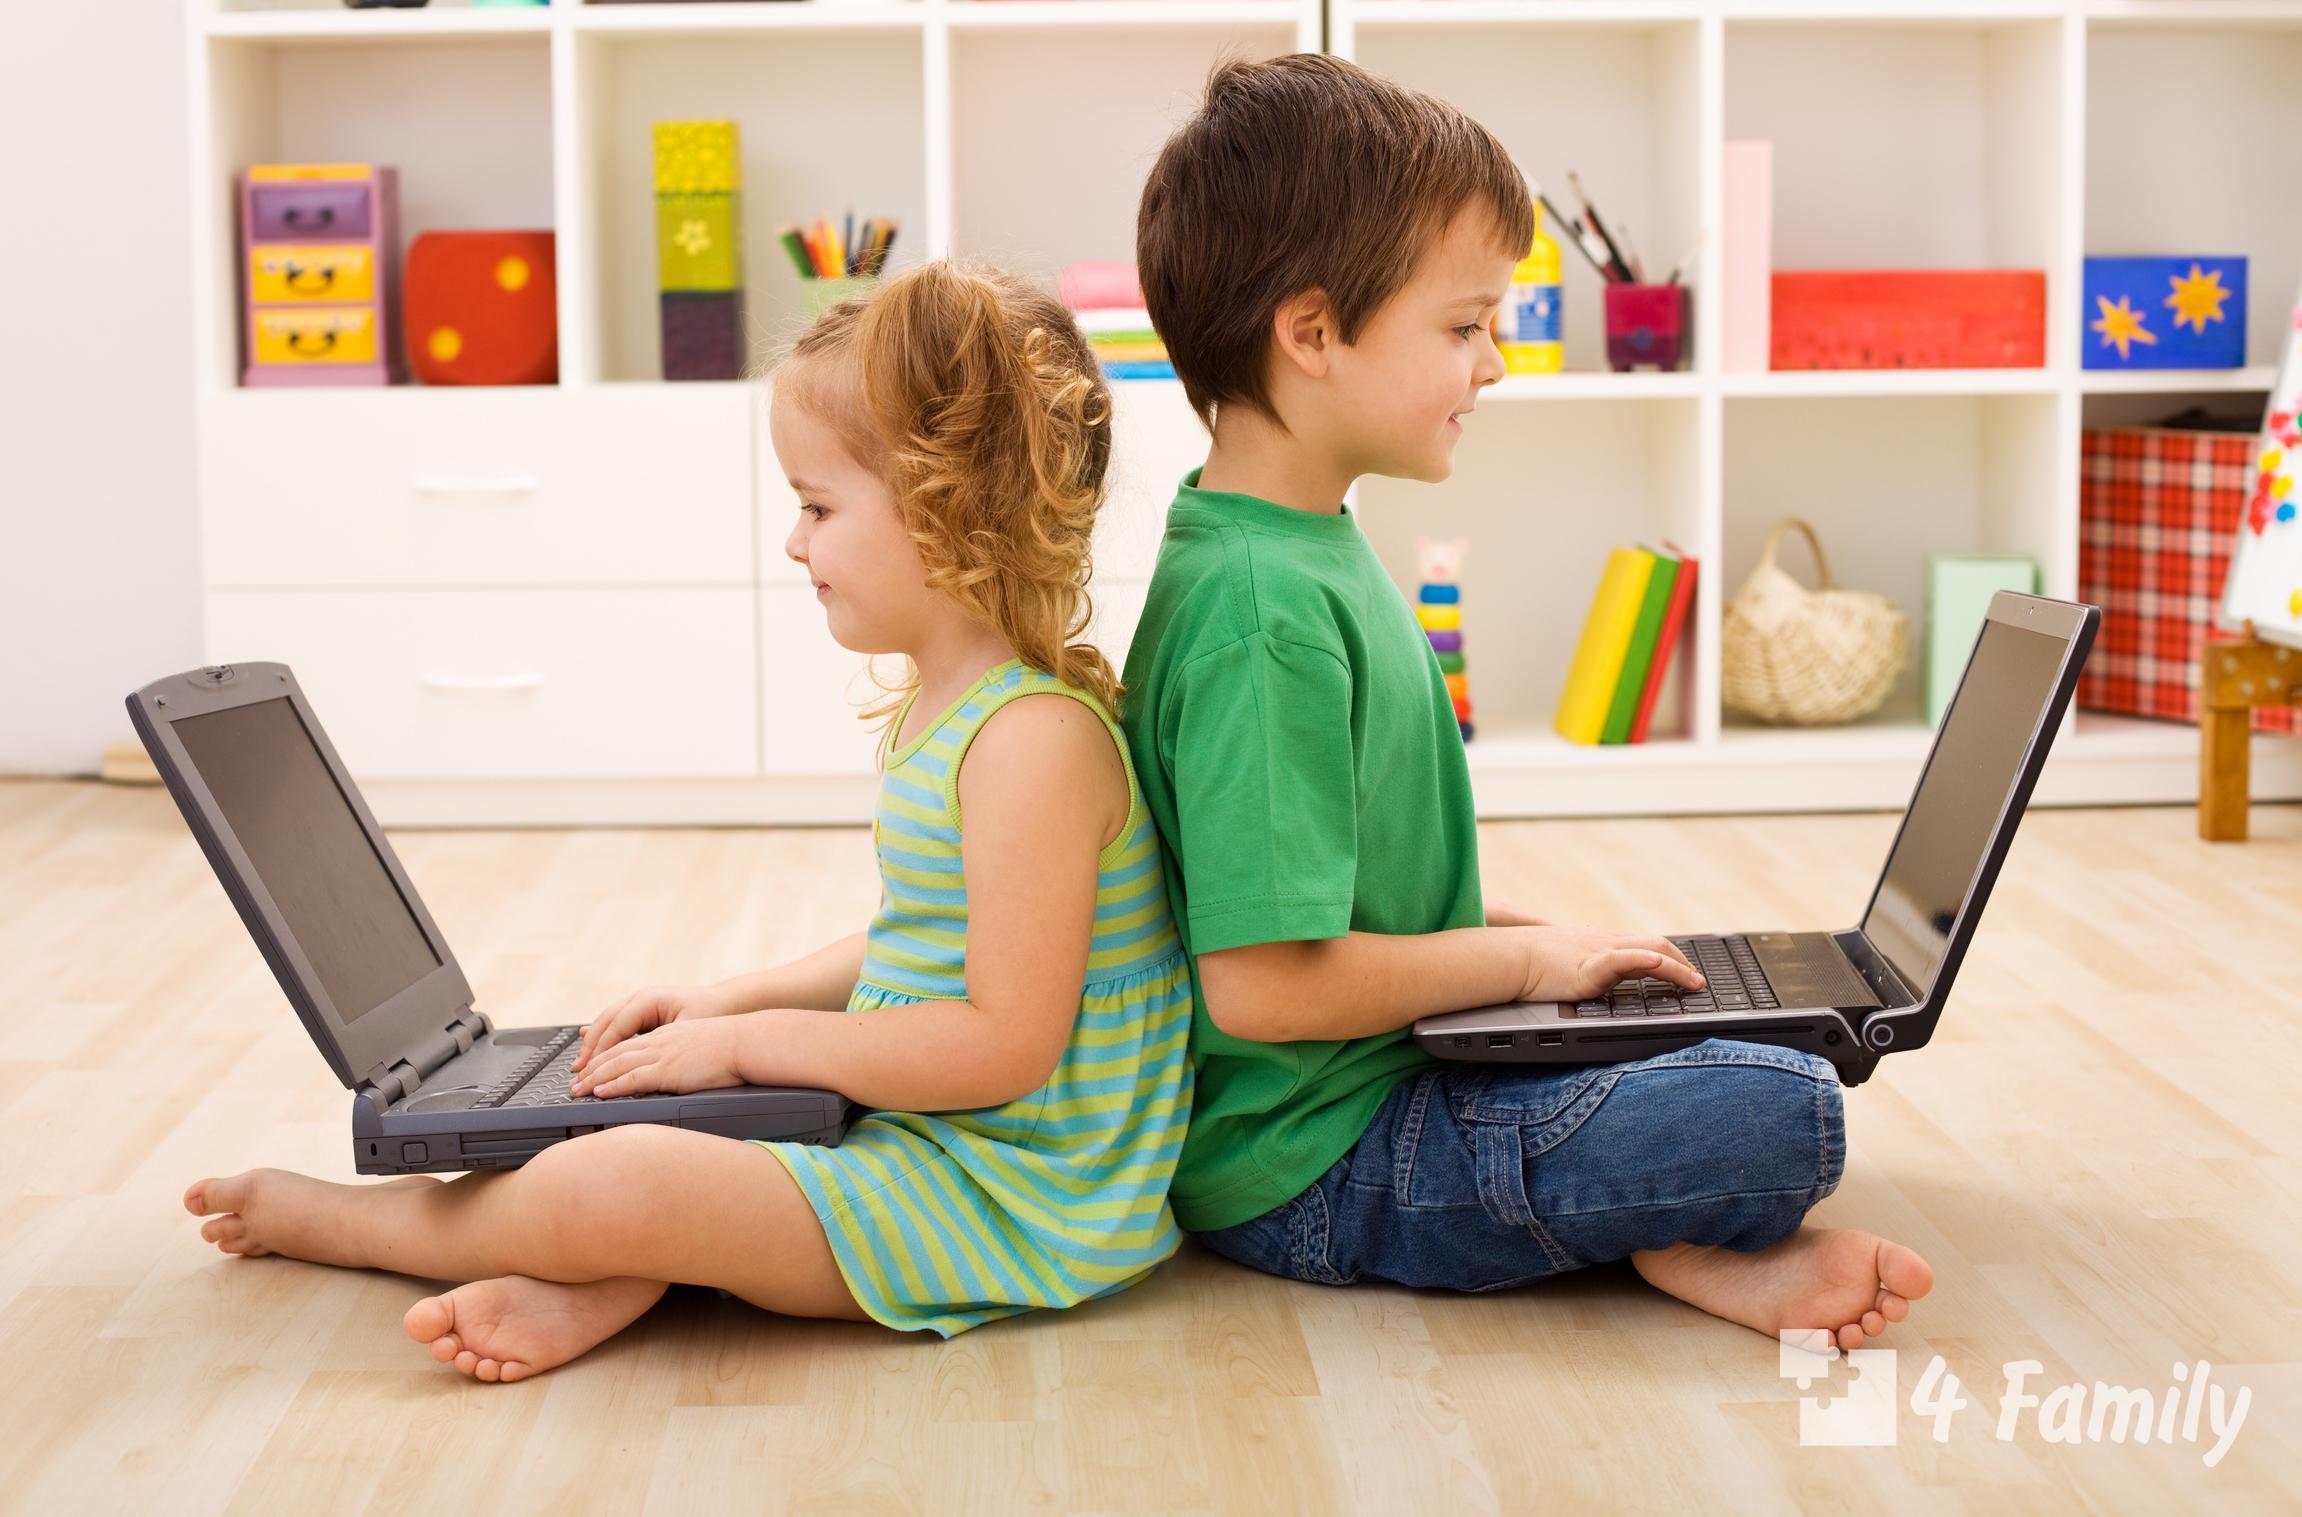 4family Польза и вред компьютерных игр для детей